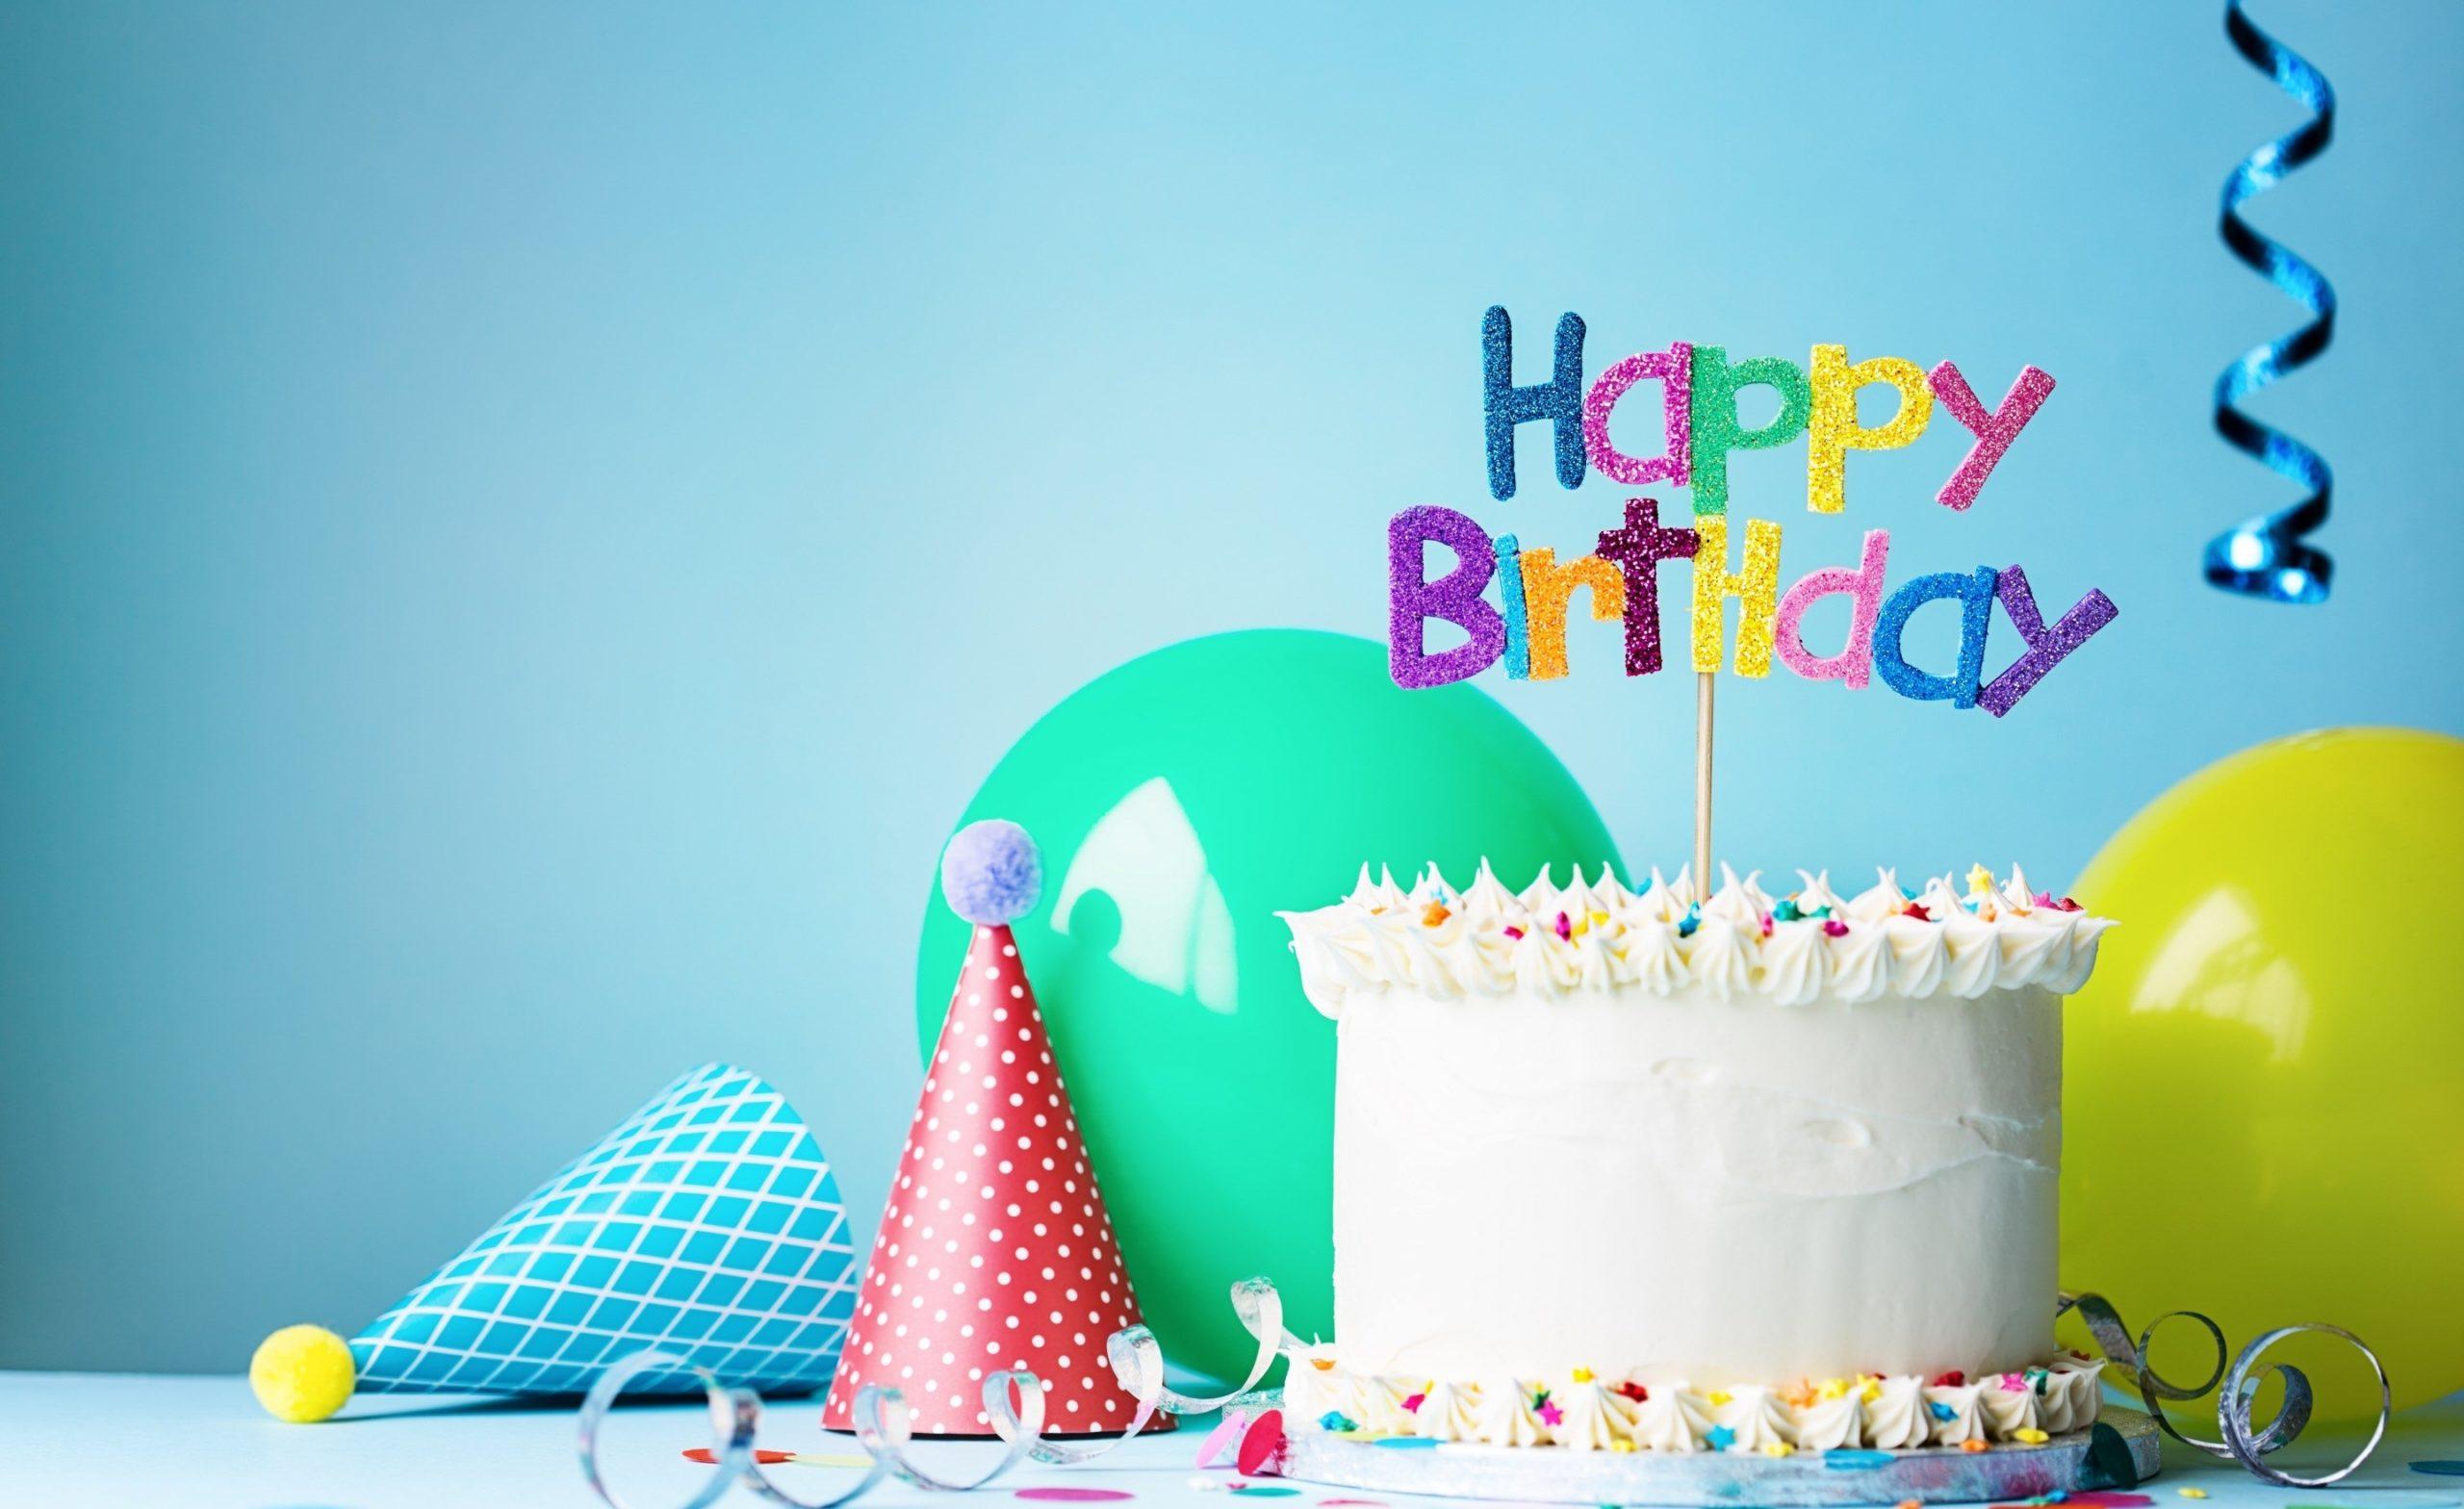 они оригинальные поздравления с первым годом свечи-цифры, свечи